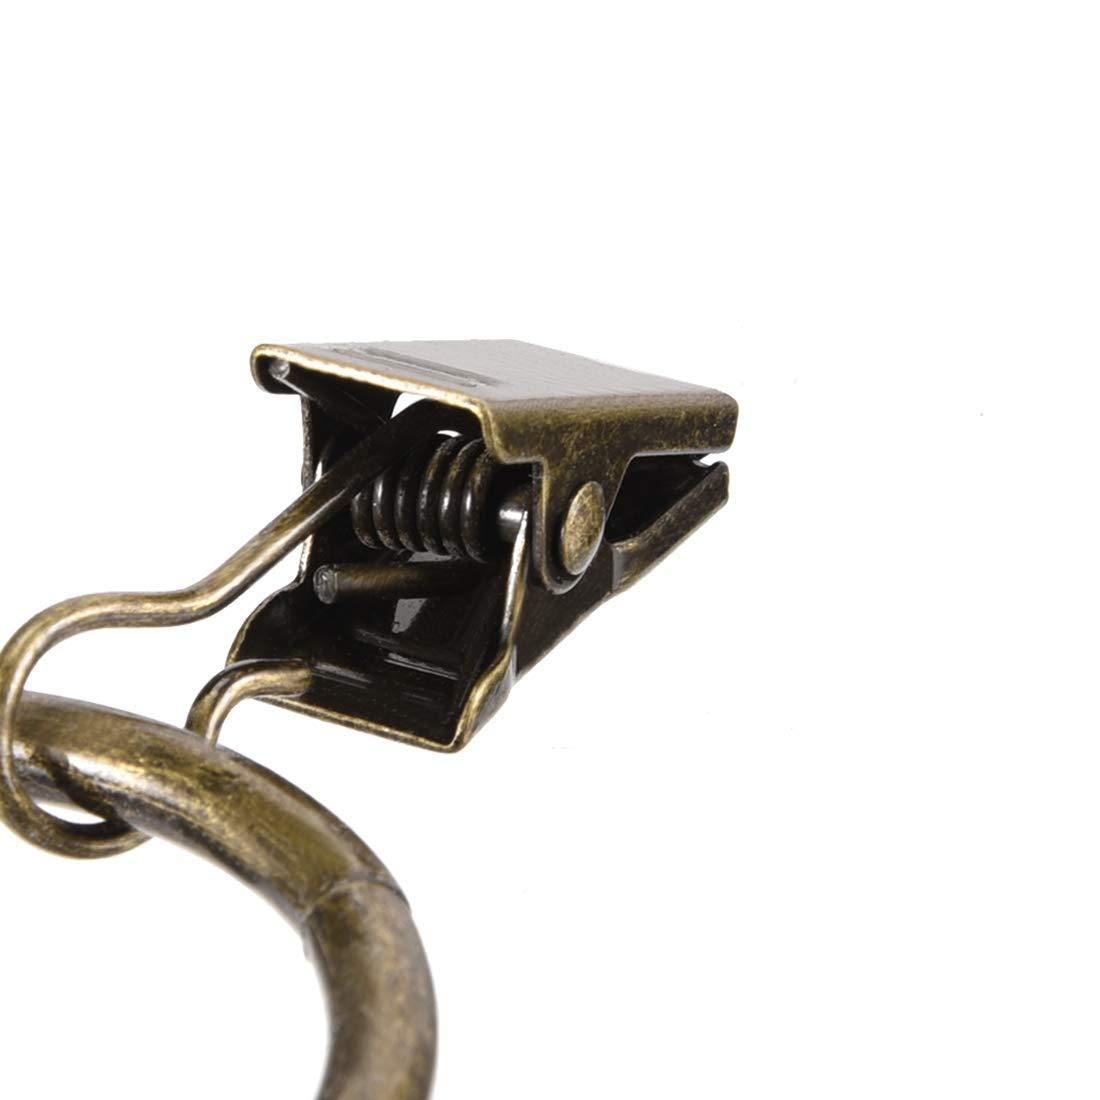 Miki/&Co Anillos argolla Clip con Gancho de Metal de 1,25 Pulgadas de di/ámetro Interior de 3,5 mm de Espesor del Anillo de Cortinas para la Ventana Barras de Cortina de Color Bronce 24 Piezas